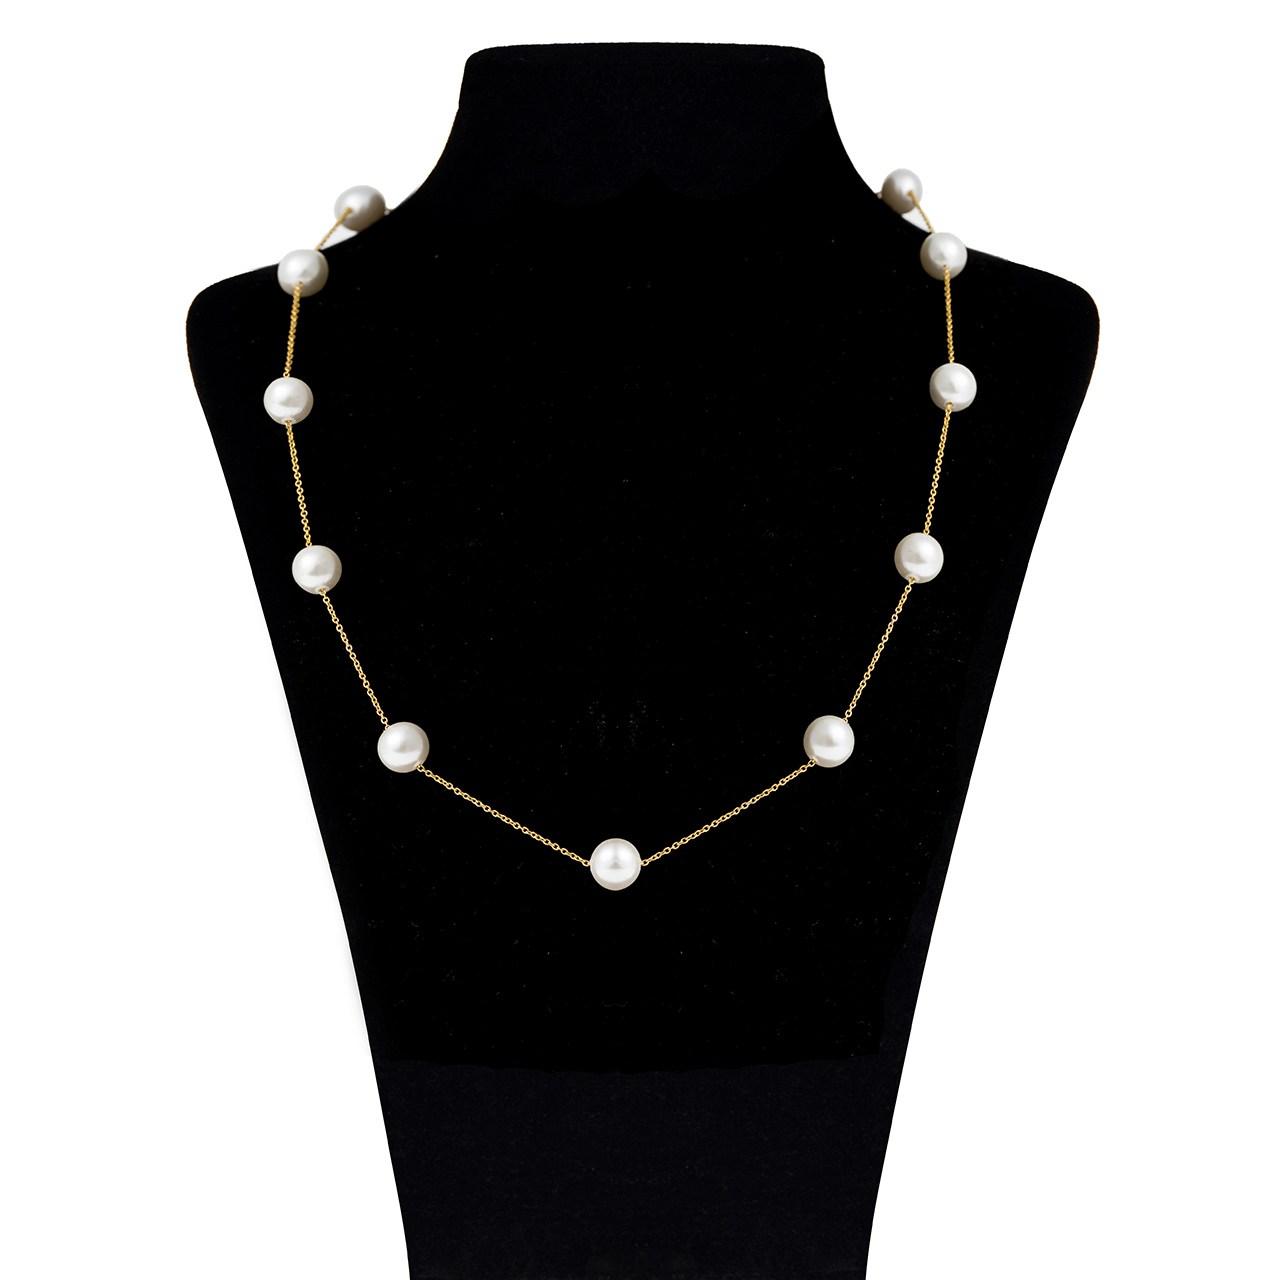 گردنبند طلا 18 عیار ماهک مدل MM0529 - مایا ماهک